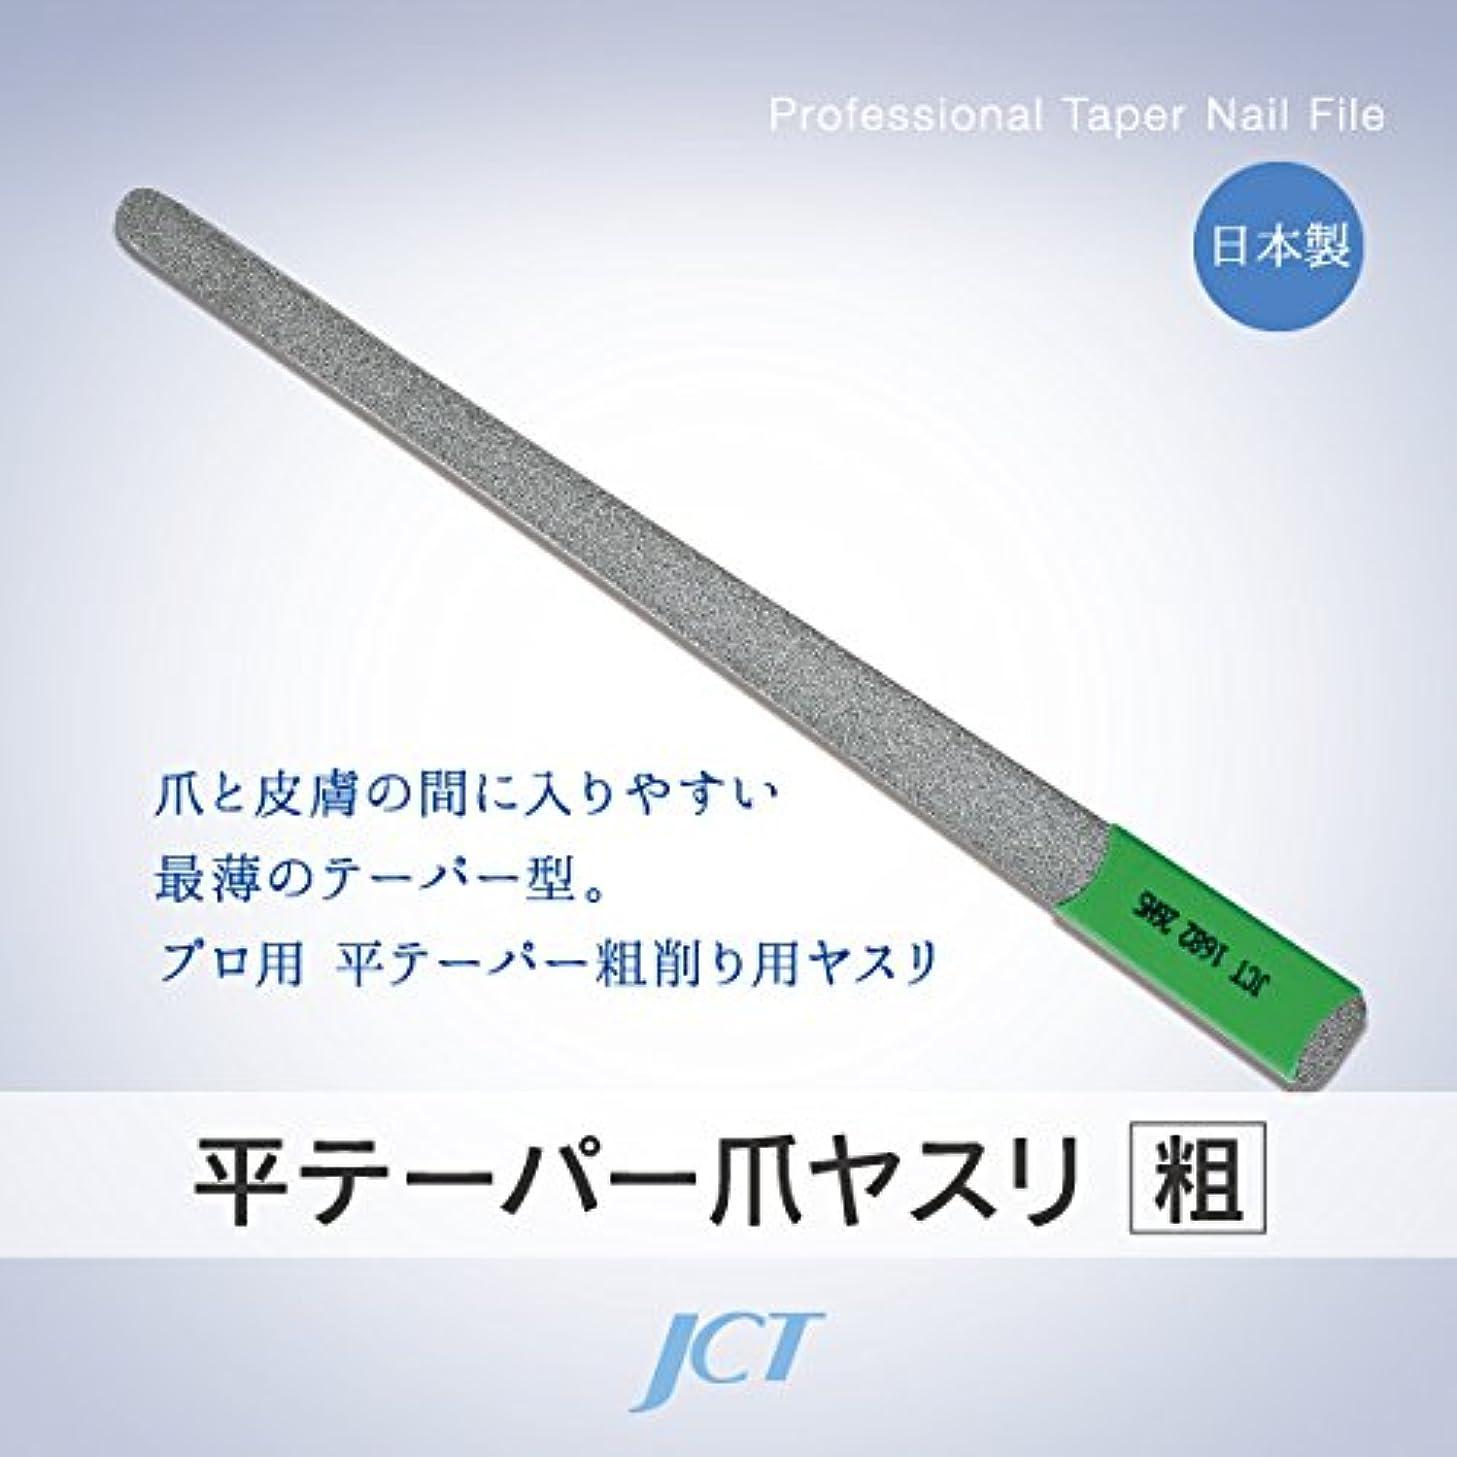 認識深いジョブJCT メディカル フットケア ダイヤモンド平テーパー爪ヤスリ(粗) 滅菌可 日本製 1年間保証付